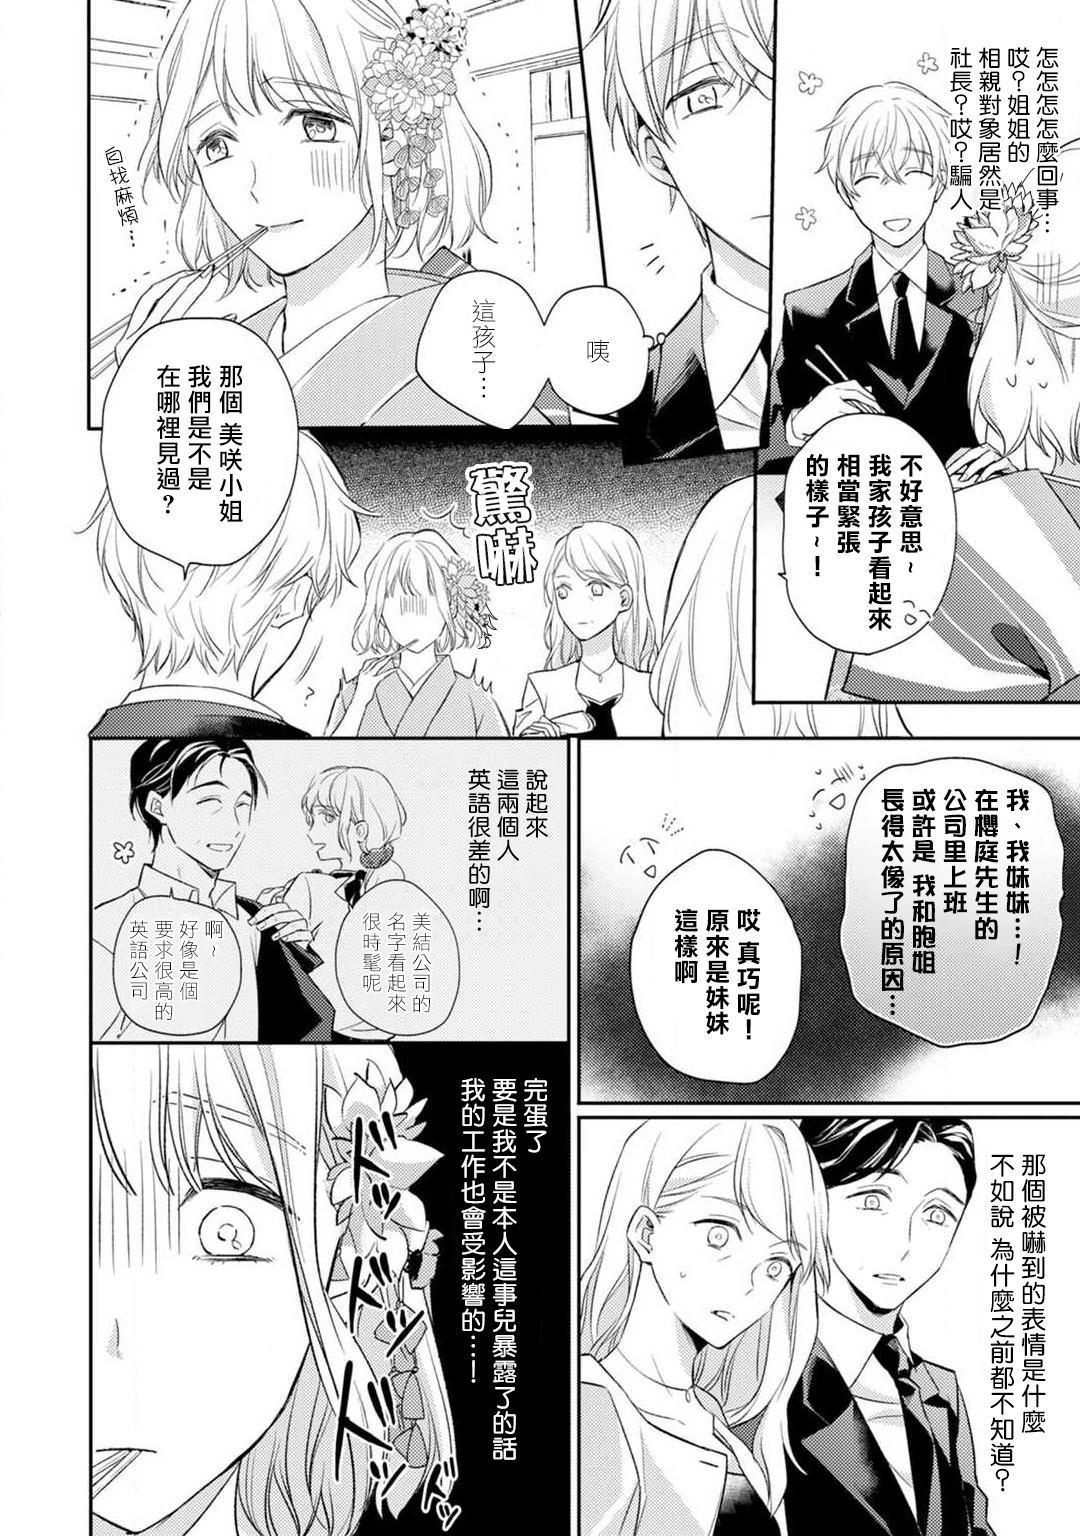 [Shichigatsu Motomi]  Sonna Kao shite, Sasotteru? ~Dekiai Shachou to Migawari Omiaikekkon!?~ 1-11  這種表情,在誘惑我嗎?~溺愛社長和替身相親結婚!? [Chinese] [拾荒者汉化组] 10